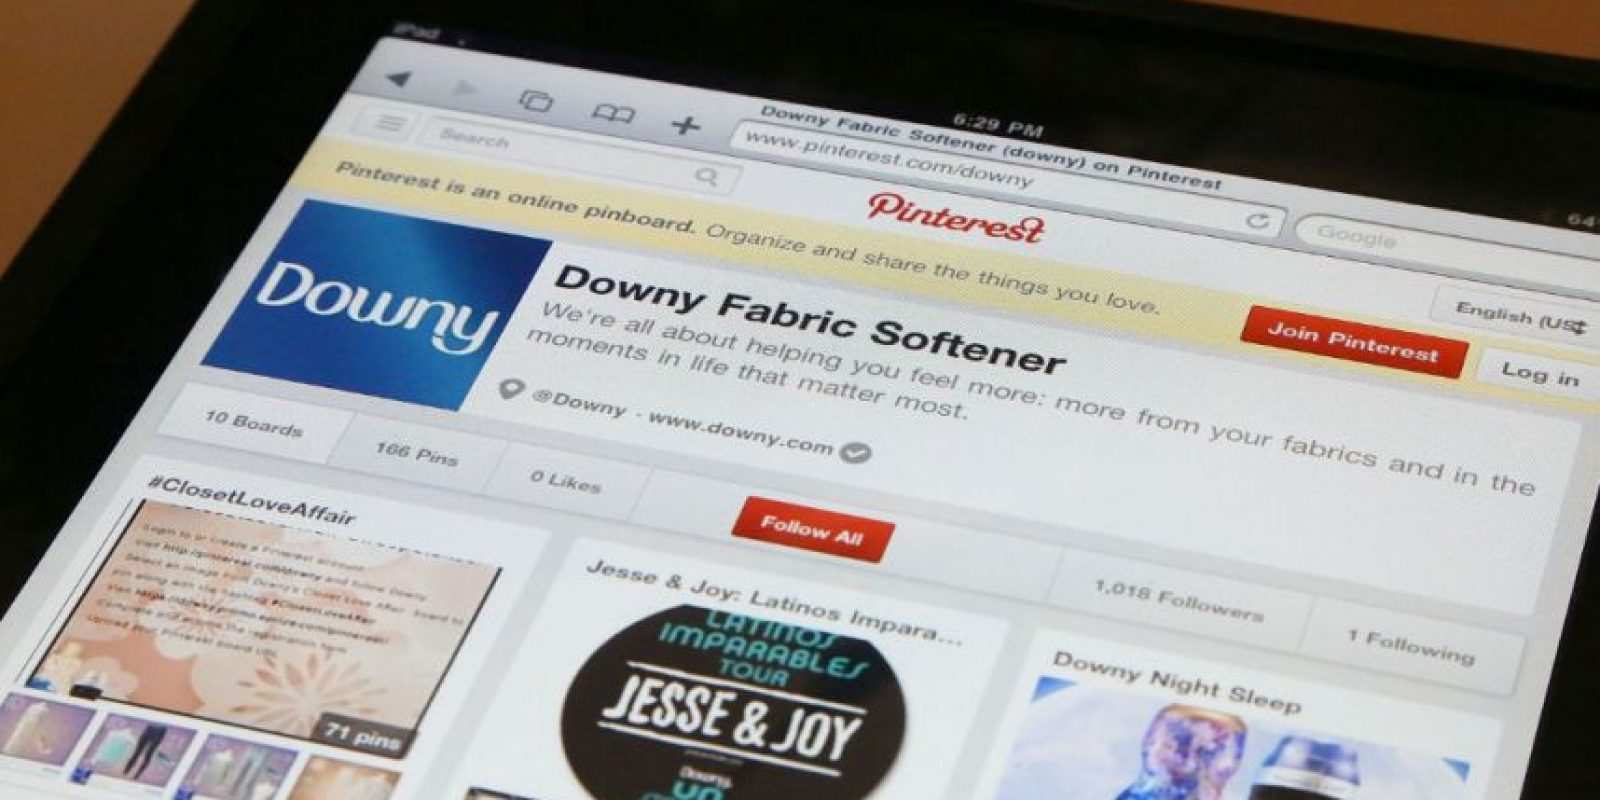 En Pinterest pueden encontrar de todo un poco, desde recetas hasta cómo personalizar su ropa, pasando por imágenes de todo tipo. Foto:Getty Images